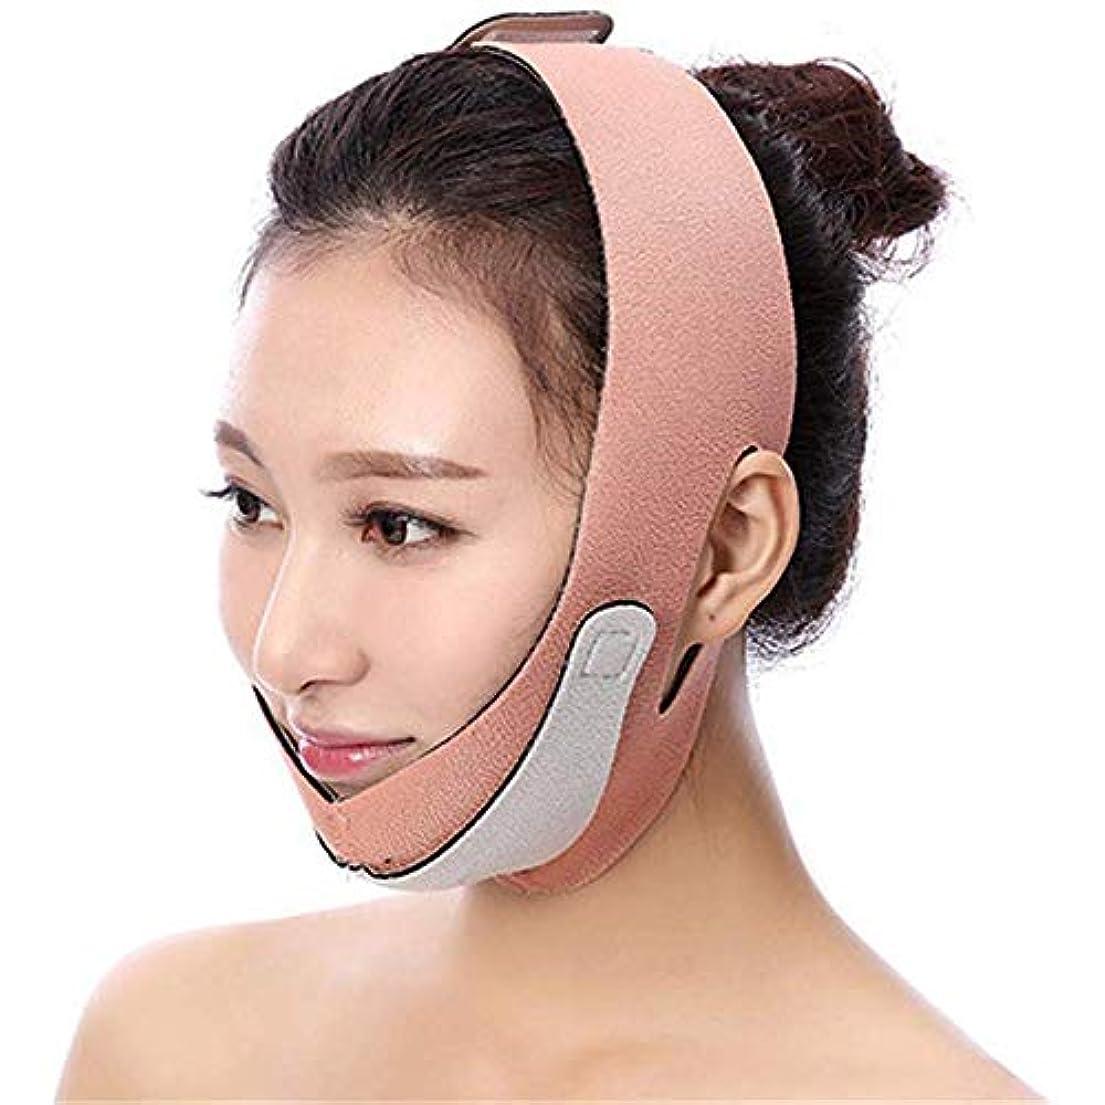 資産ファン主張するWSJTT 顔のスリミングチンストラップ - チンをエイジングアンチフェイシャルマスクを持ち上げ - 皮膚のたるみ二重あごケア減量フェイスベルト、Vフェイスライン包帯ネックサポートフェイシャルリフトを排除